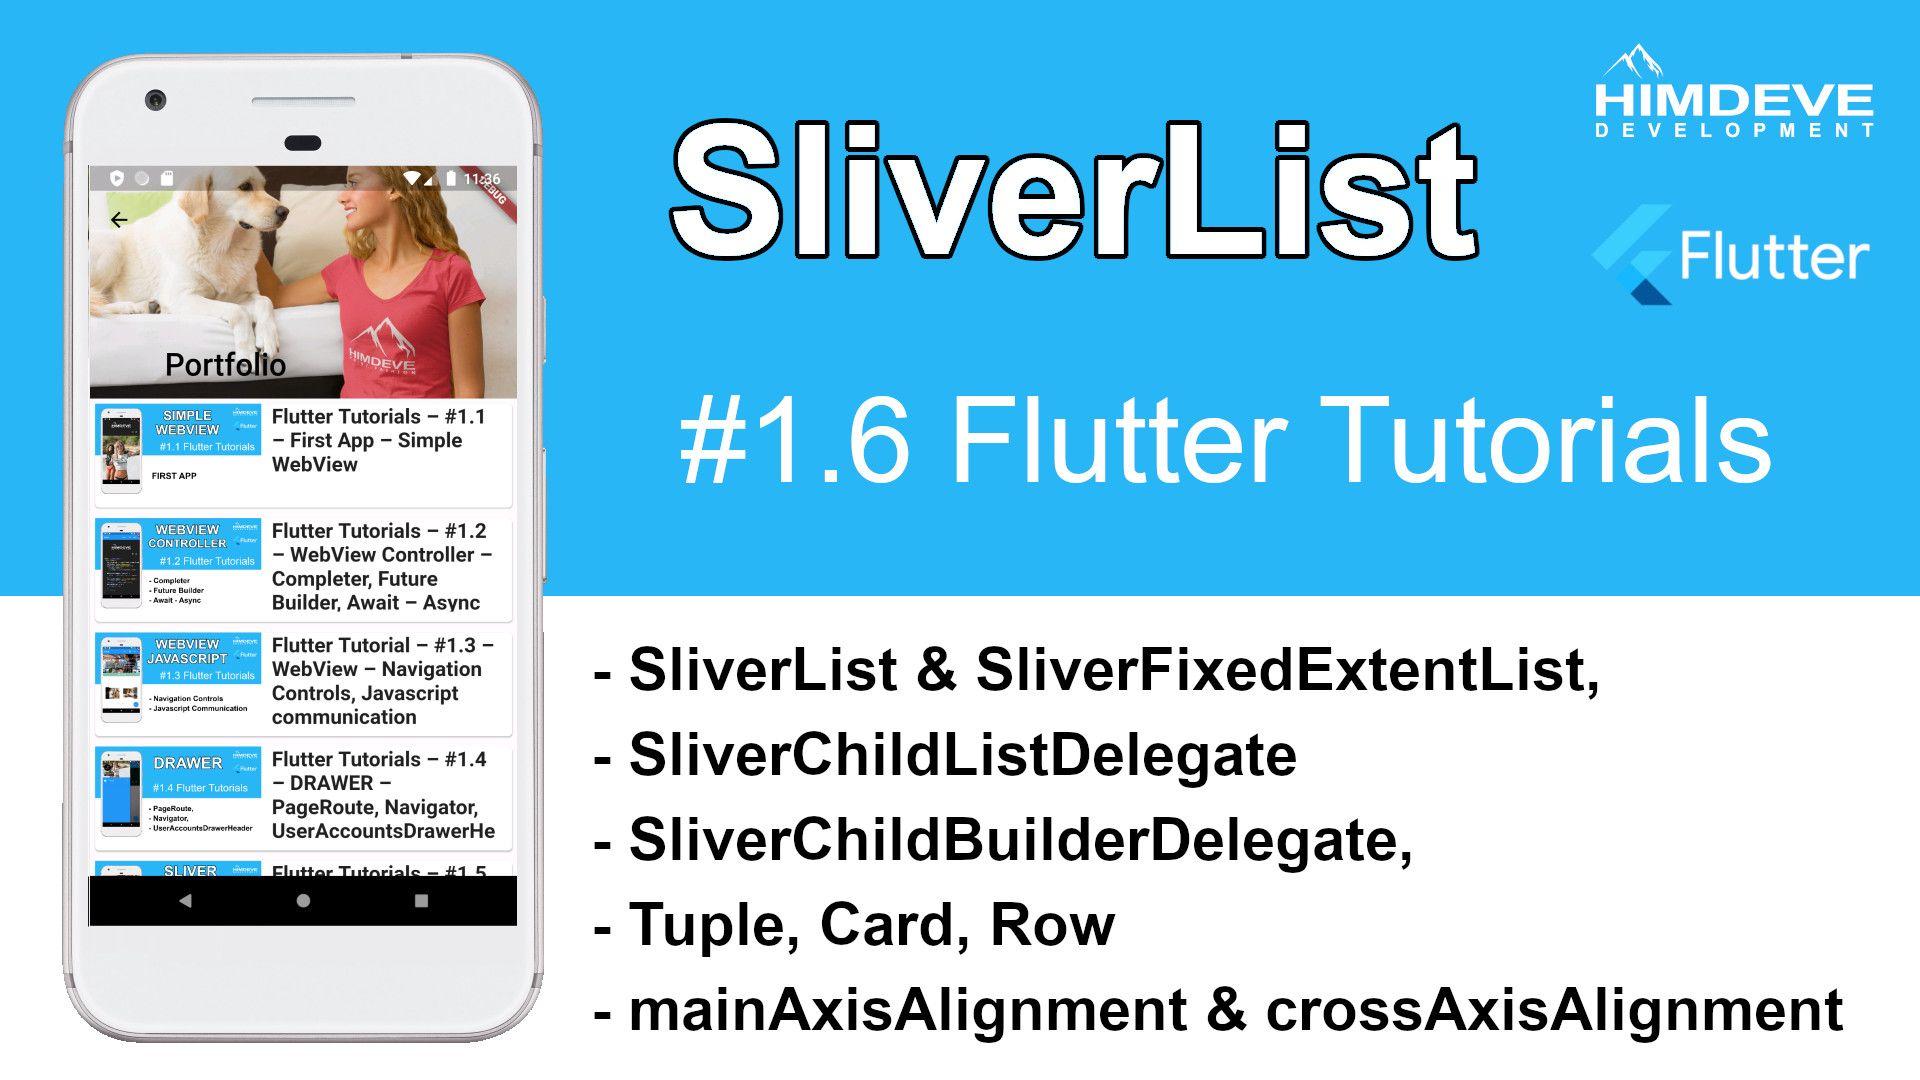 SliverList Himdeve development Google Flutter Tutorial